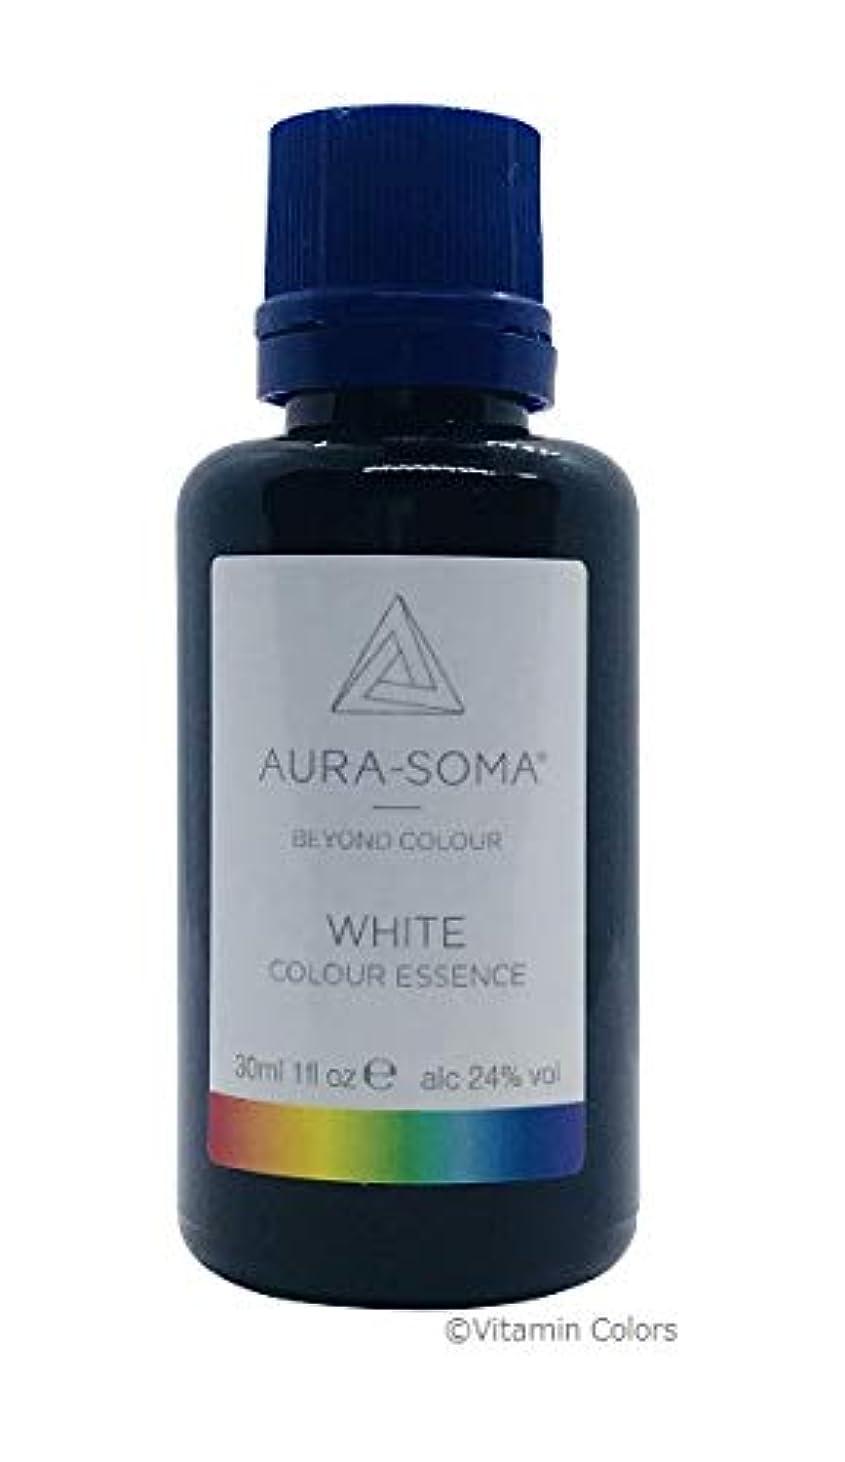 オリエント否認する外部オーラソーマ カラーエッセンス ホワイト/30ml Aurasoma